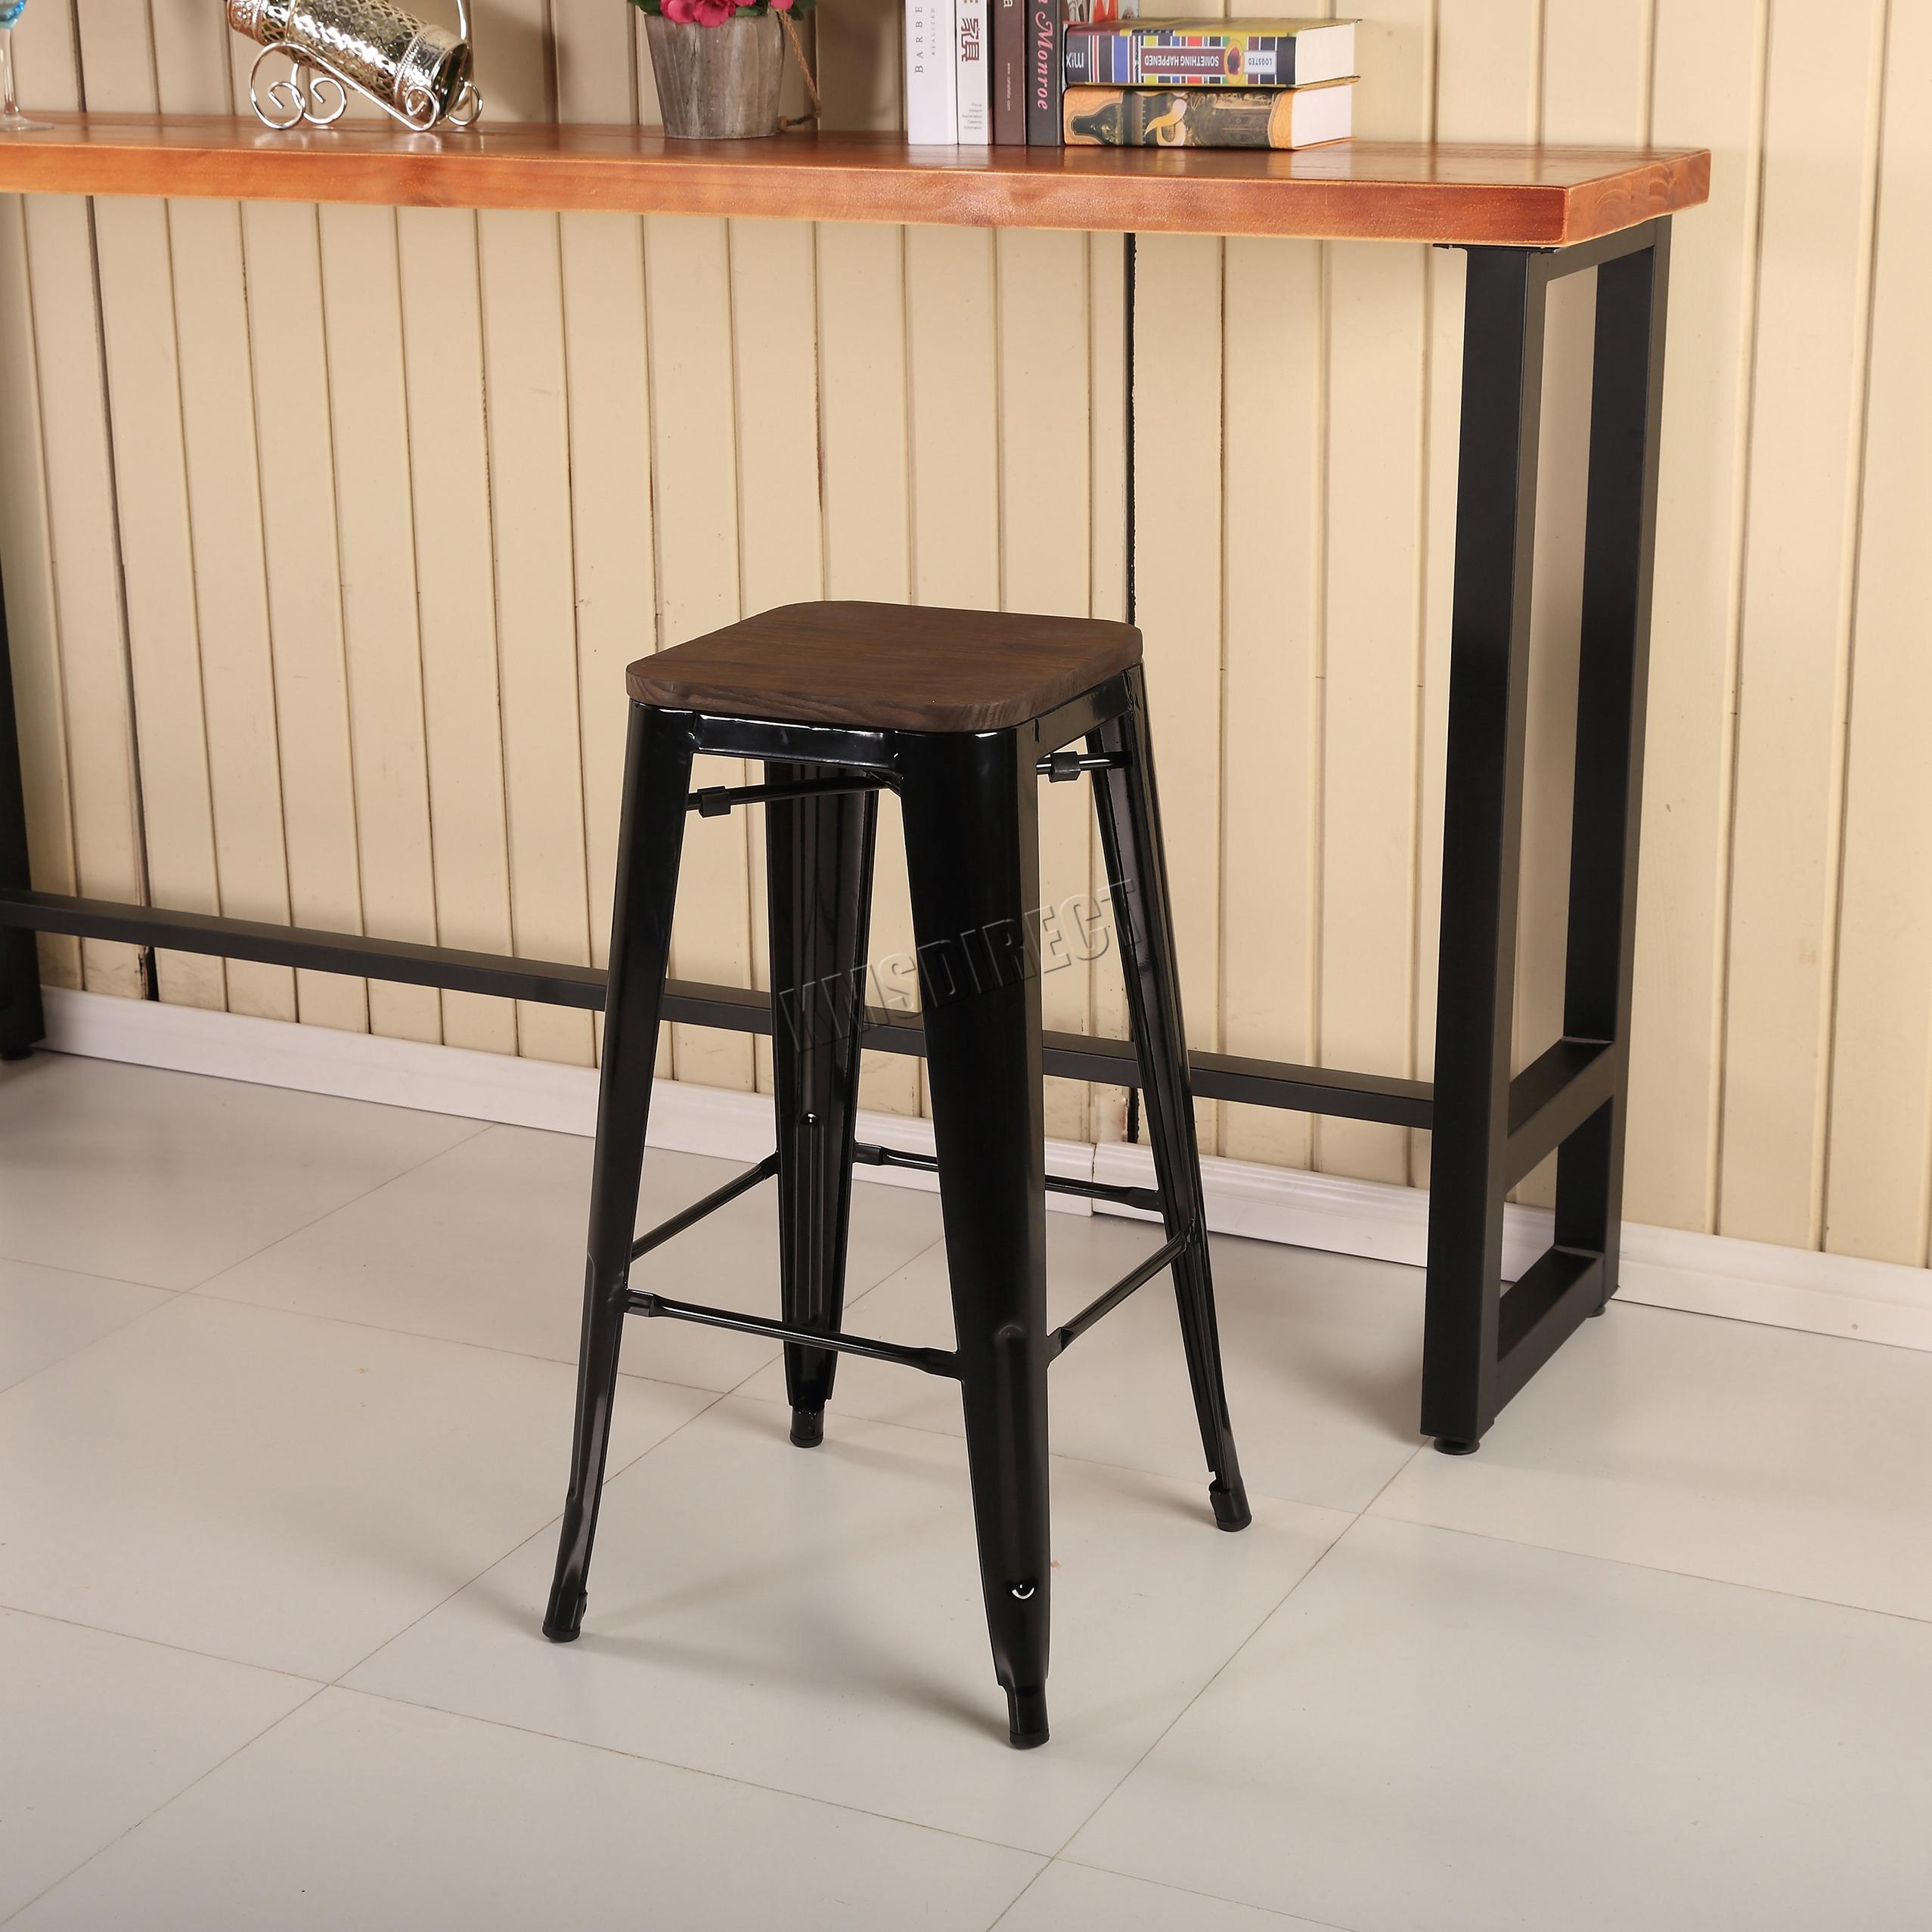 Hocker Esszimmer 4x Pkline Esszimmerstuhl In Anthrazit Esszimmer Stuhl